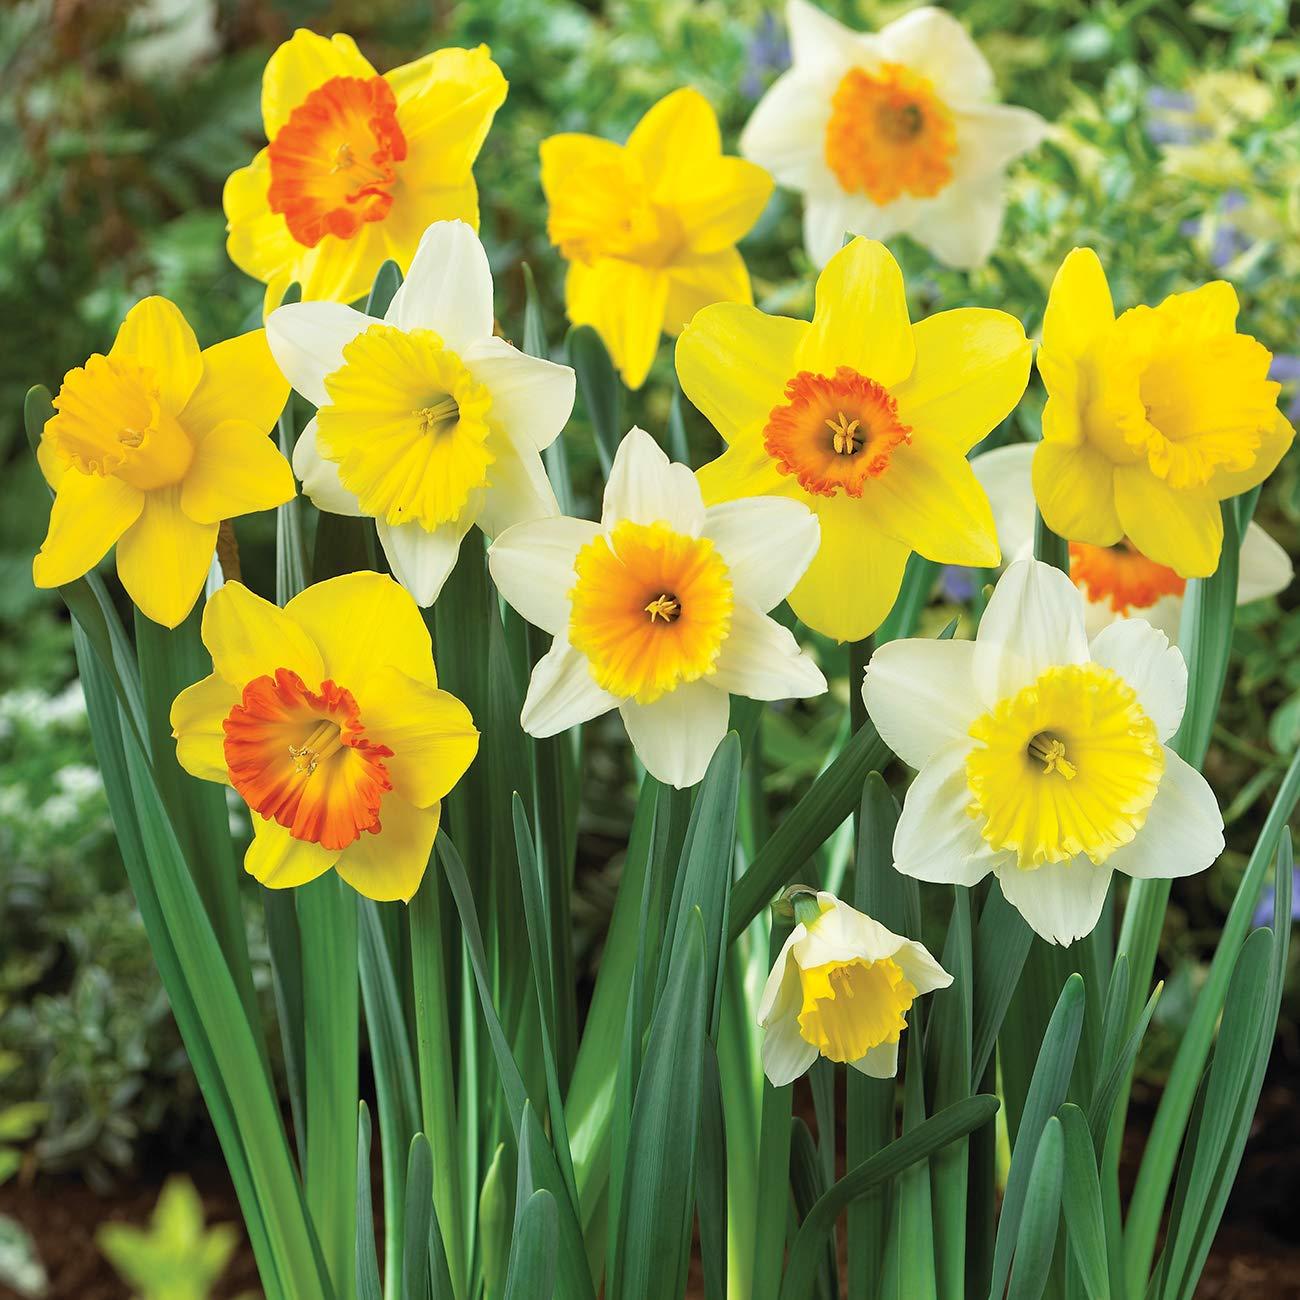 Van Zyverden 87047 Daffodils Trumpet and Cupped Mixture Set of 15 Bulbs, 12/14 cm, Mixed by VAN ZYVERDEN